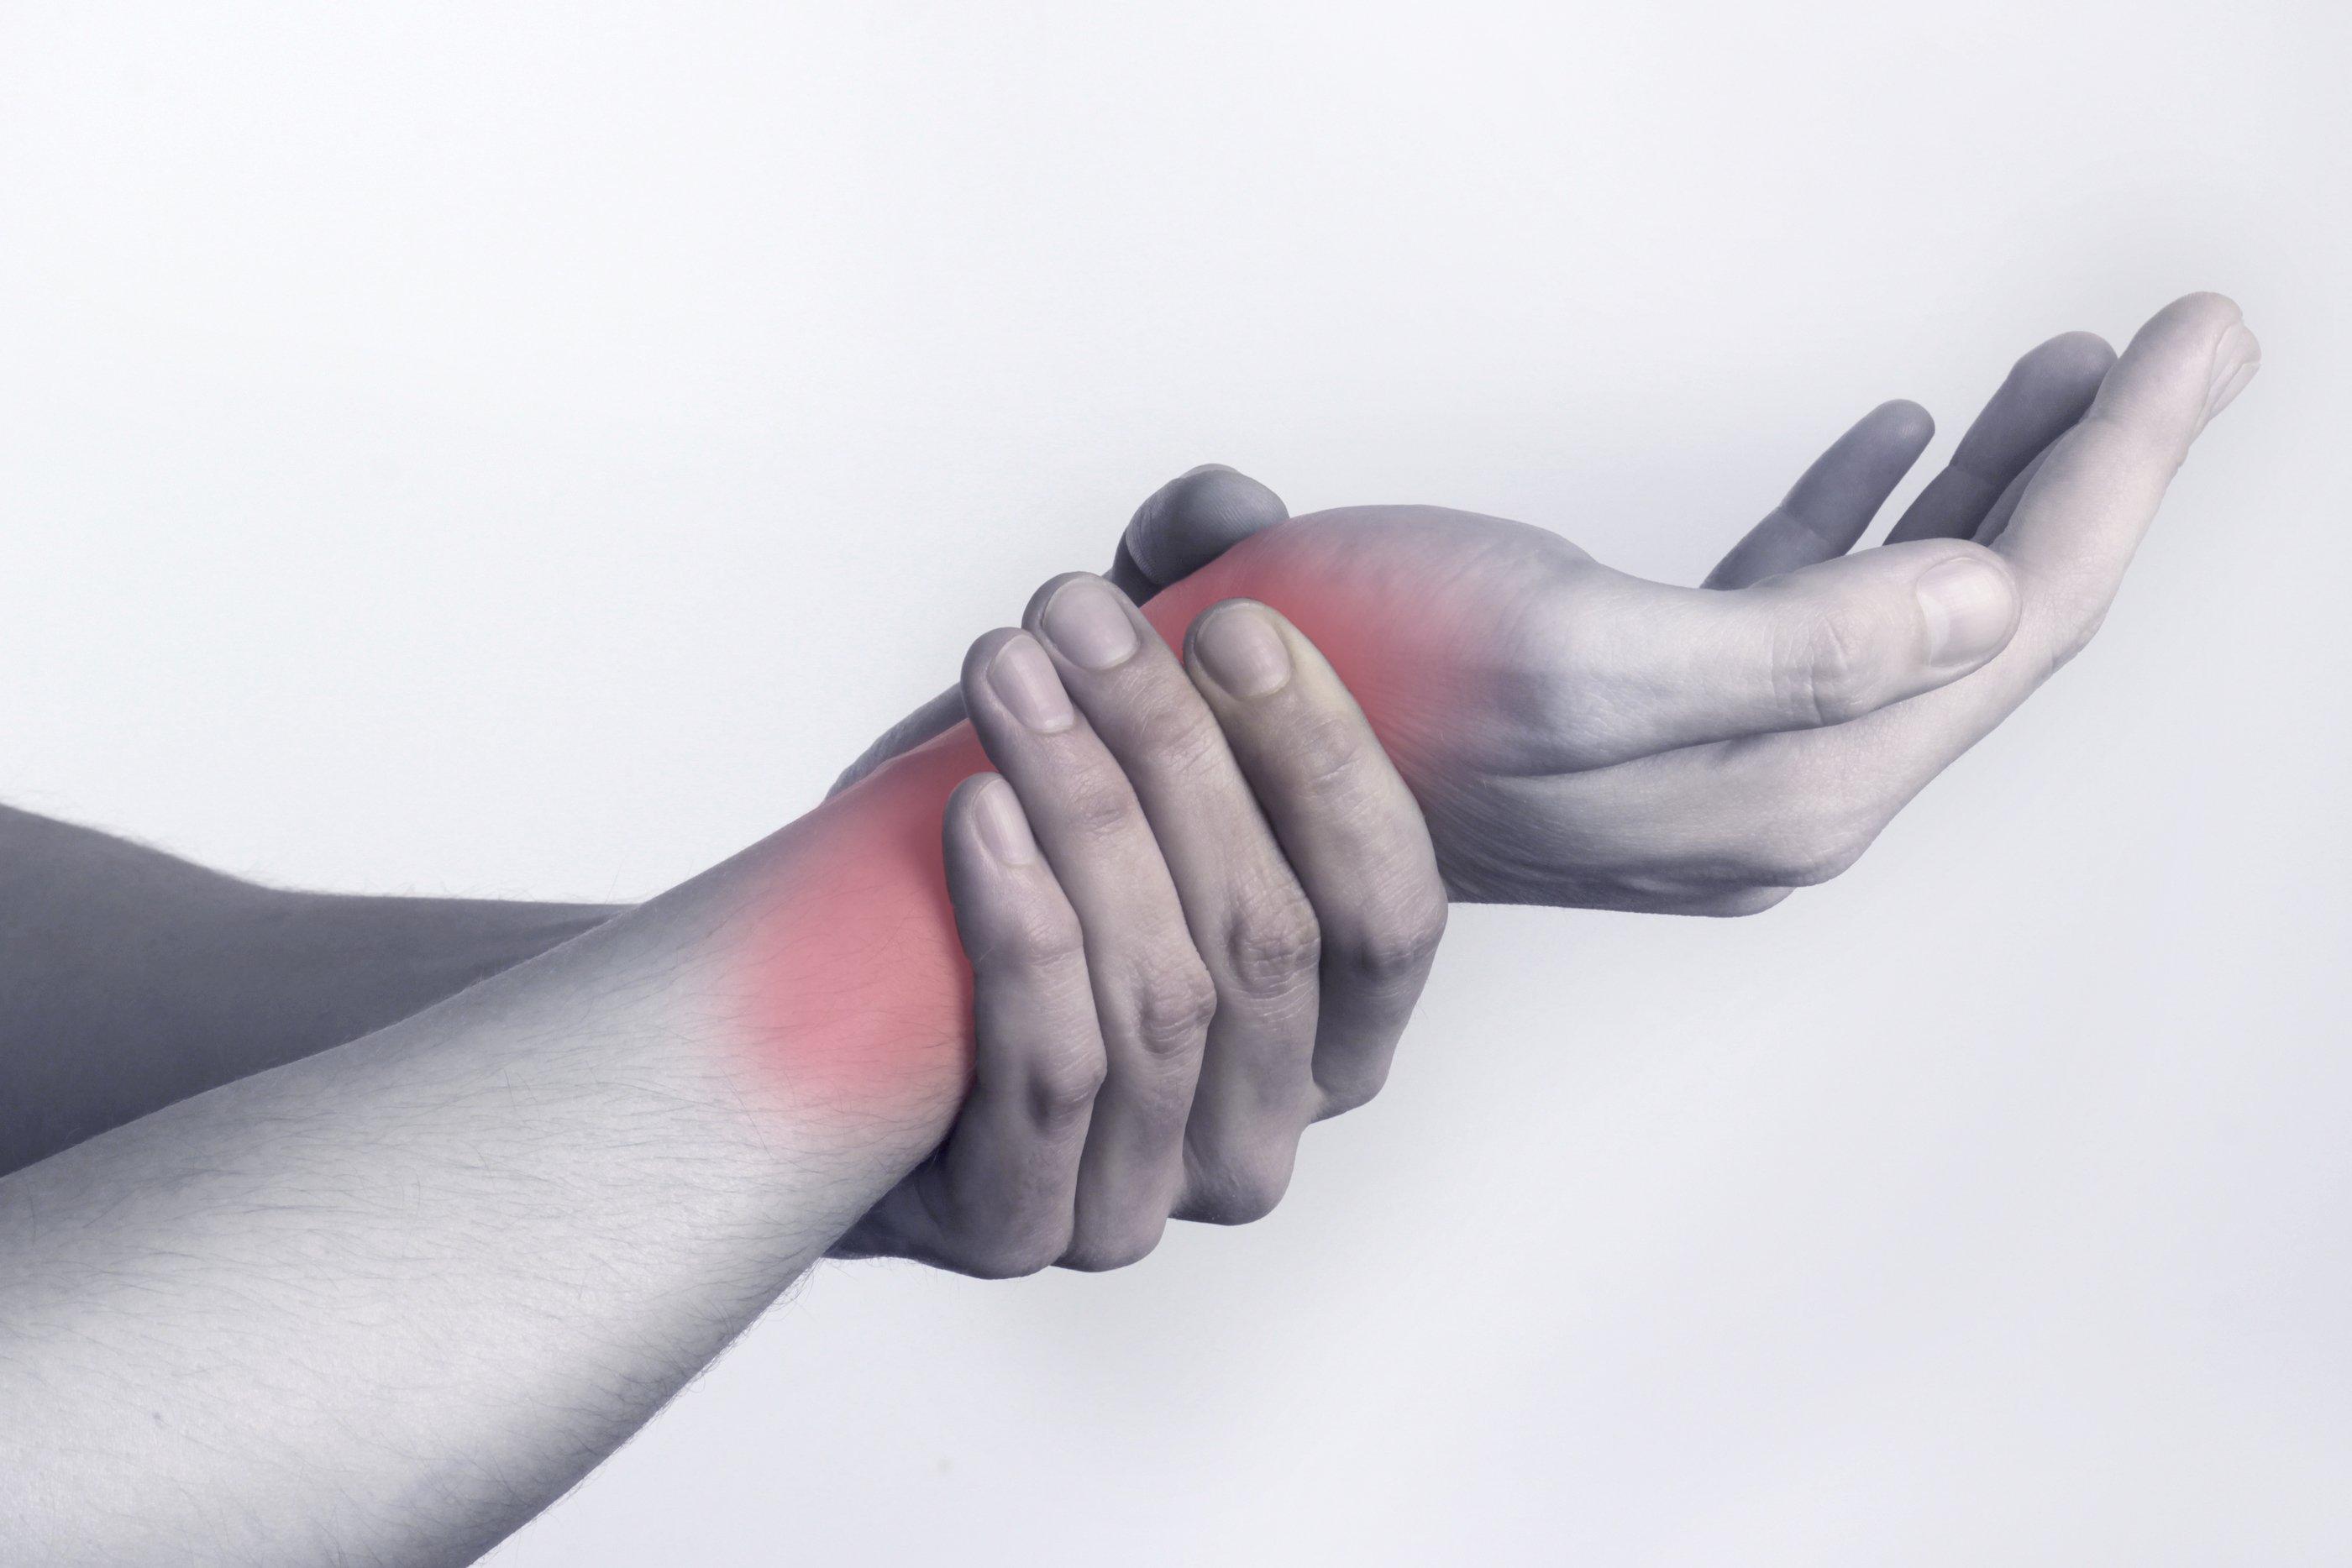 Гигрома - лечение в домашних условиях - Народные методы и 62